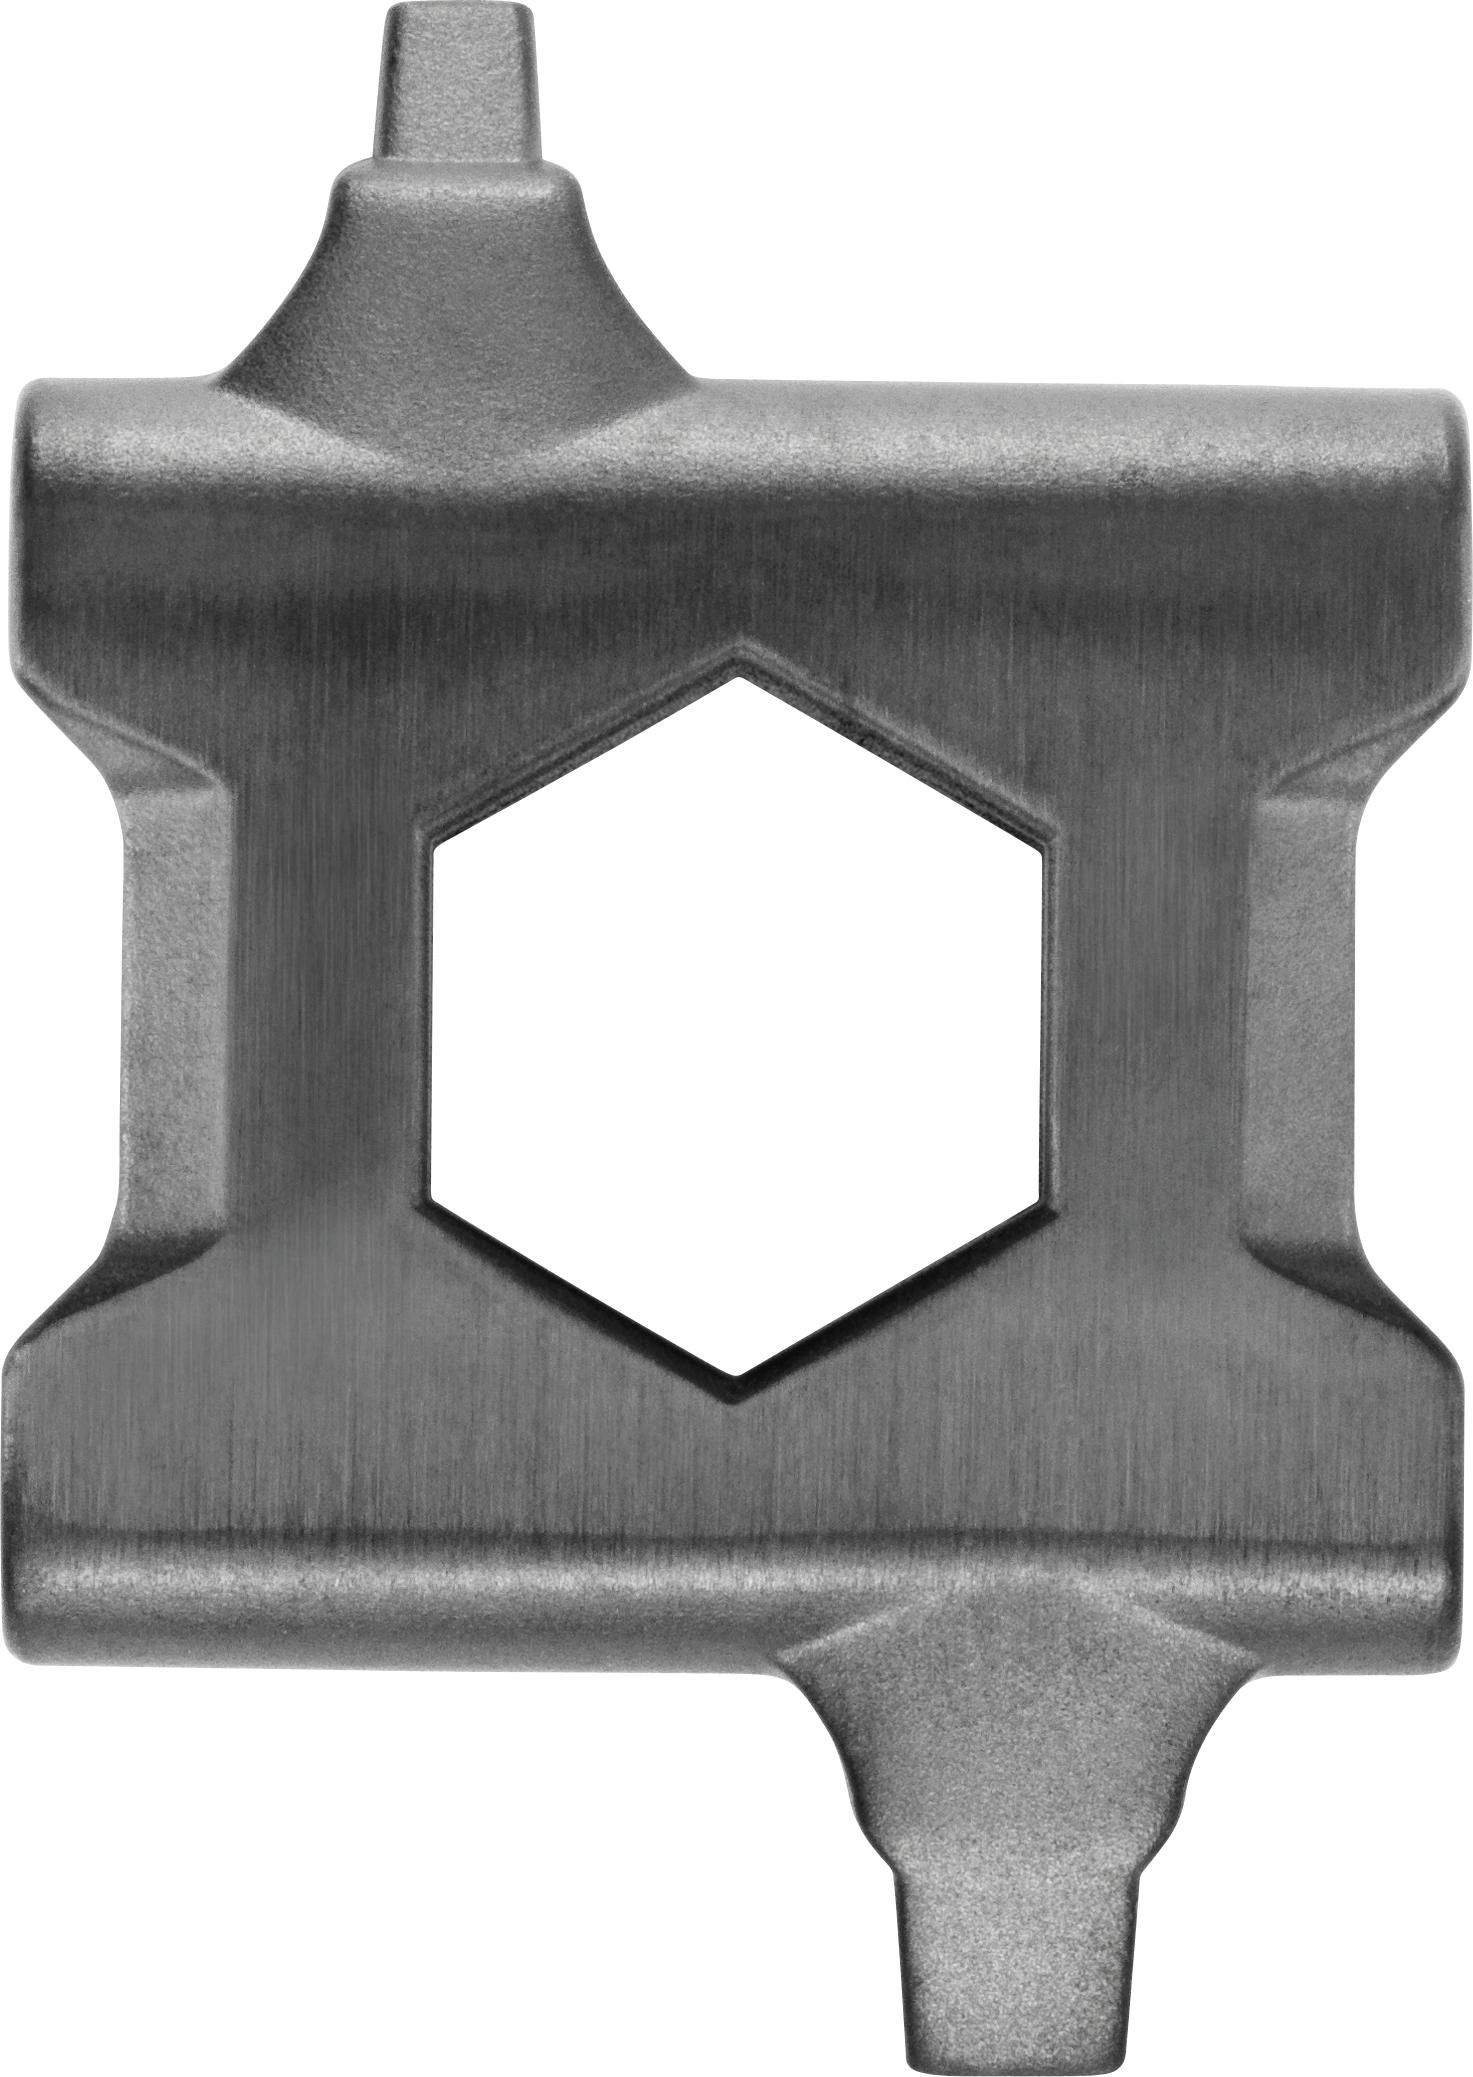 Leatherman Tread Link 16 #1 #3 firkantbits